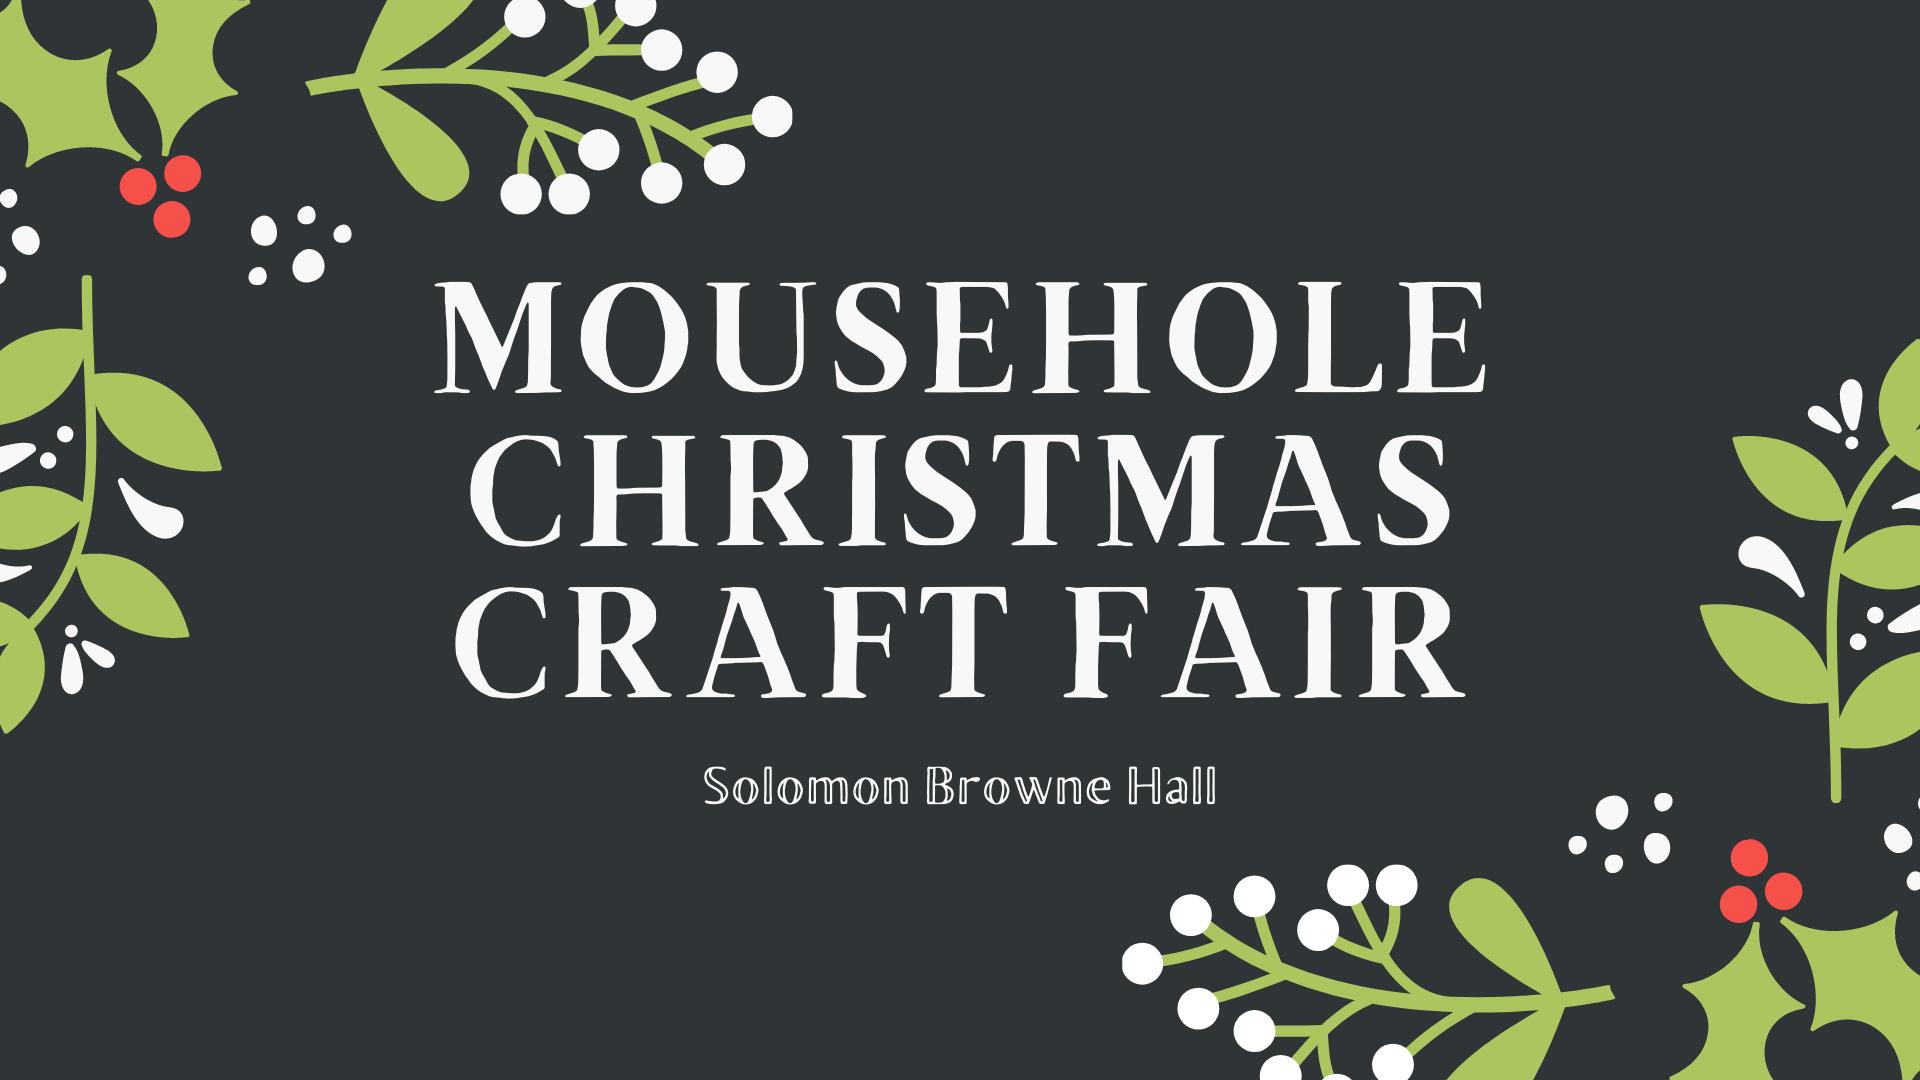 Mousehole Christmas Craft Fair